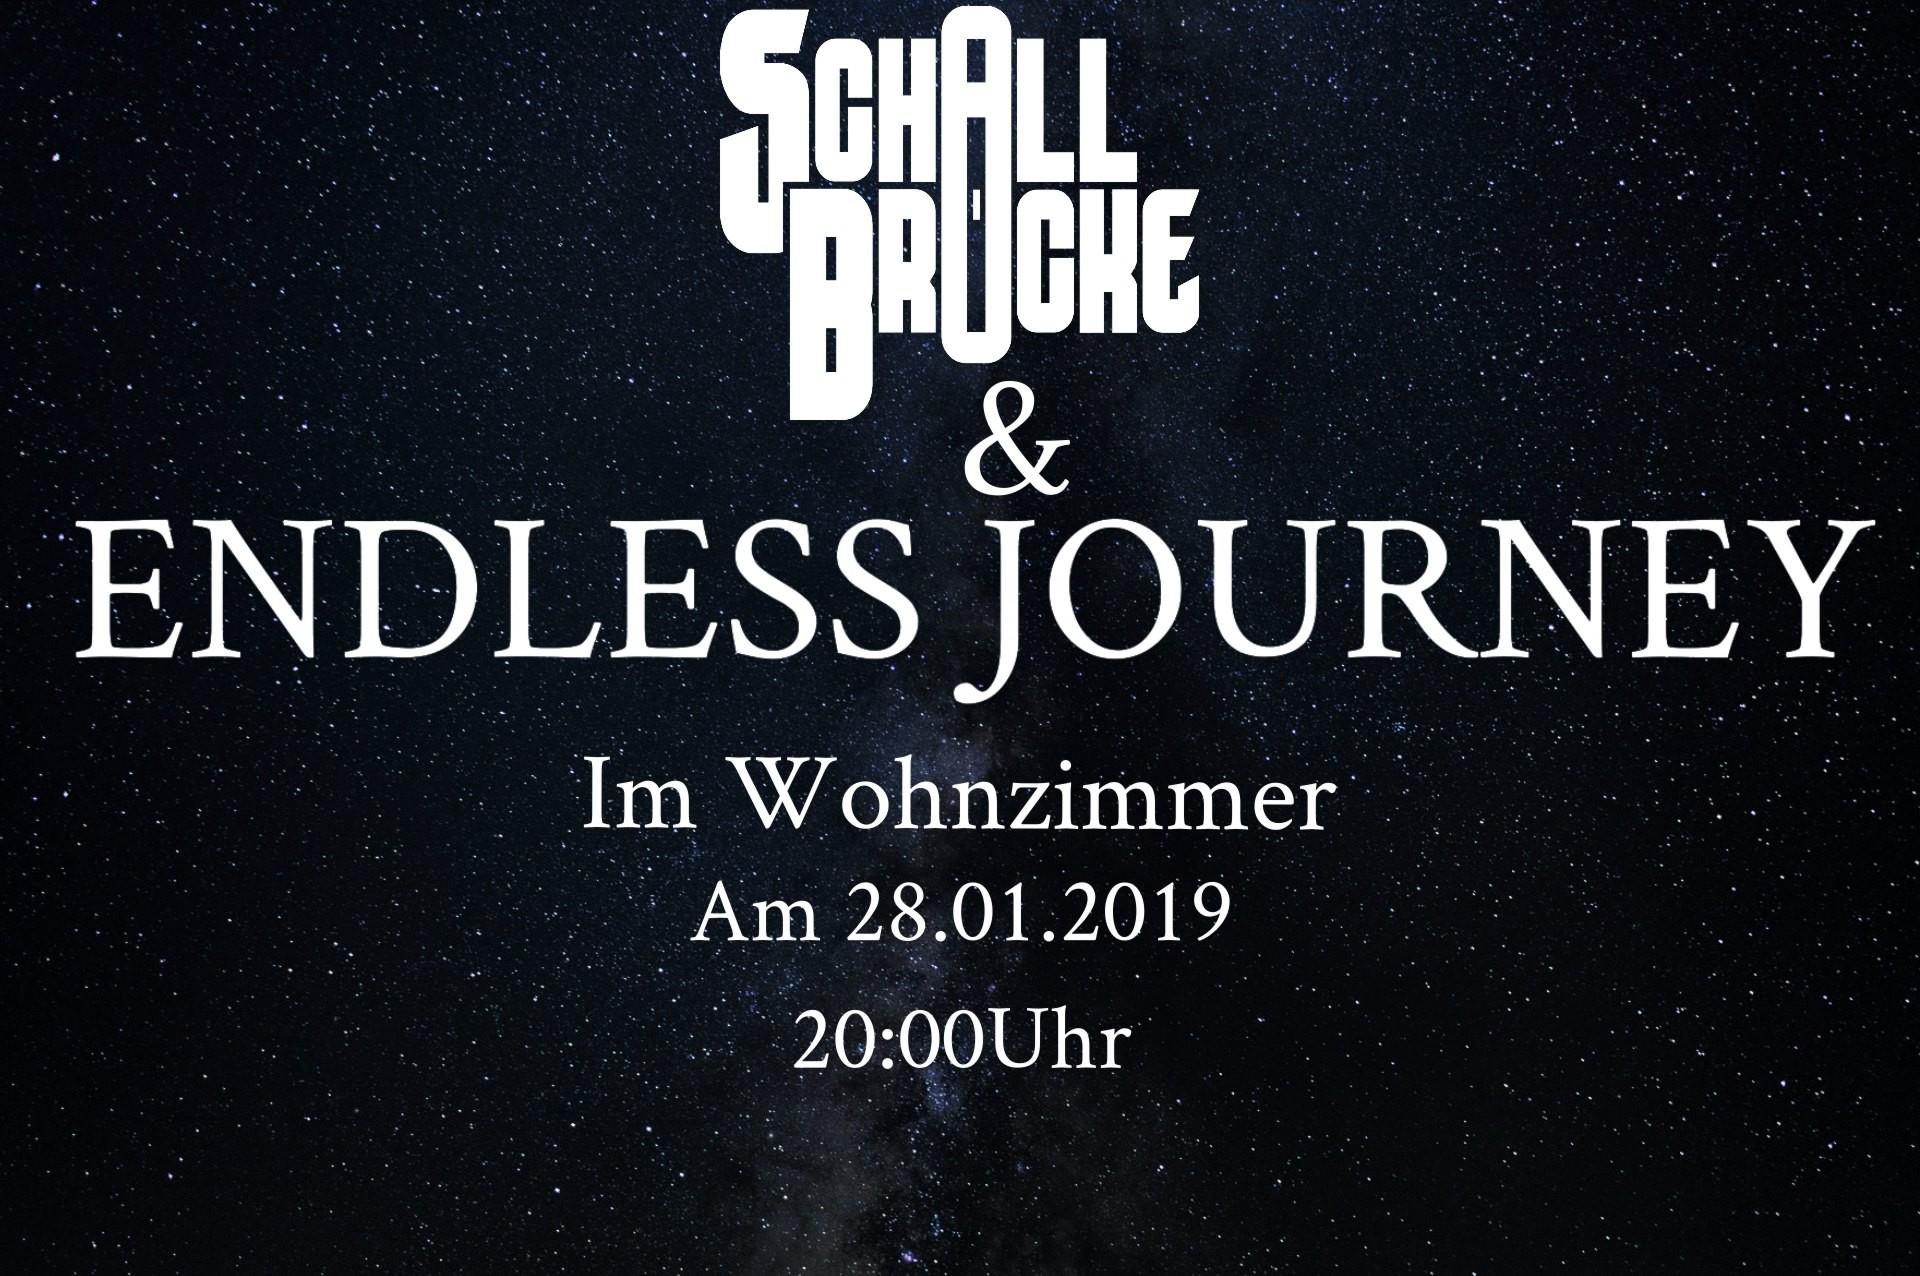 28012019 Endless Journey Und Schallbrücke Live Das Wohnzimmer